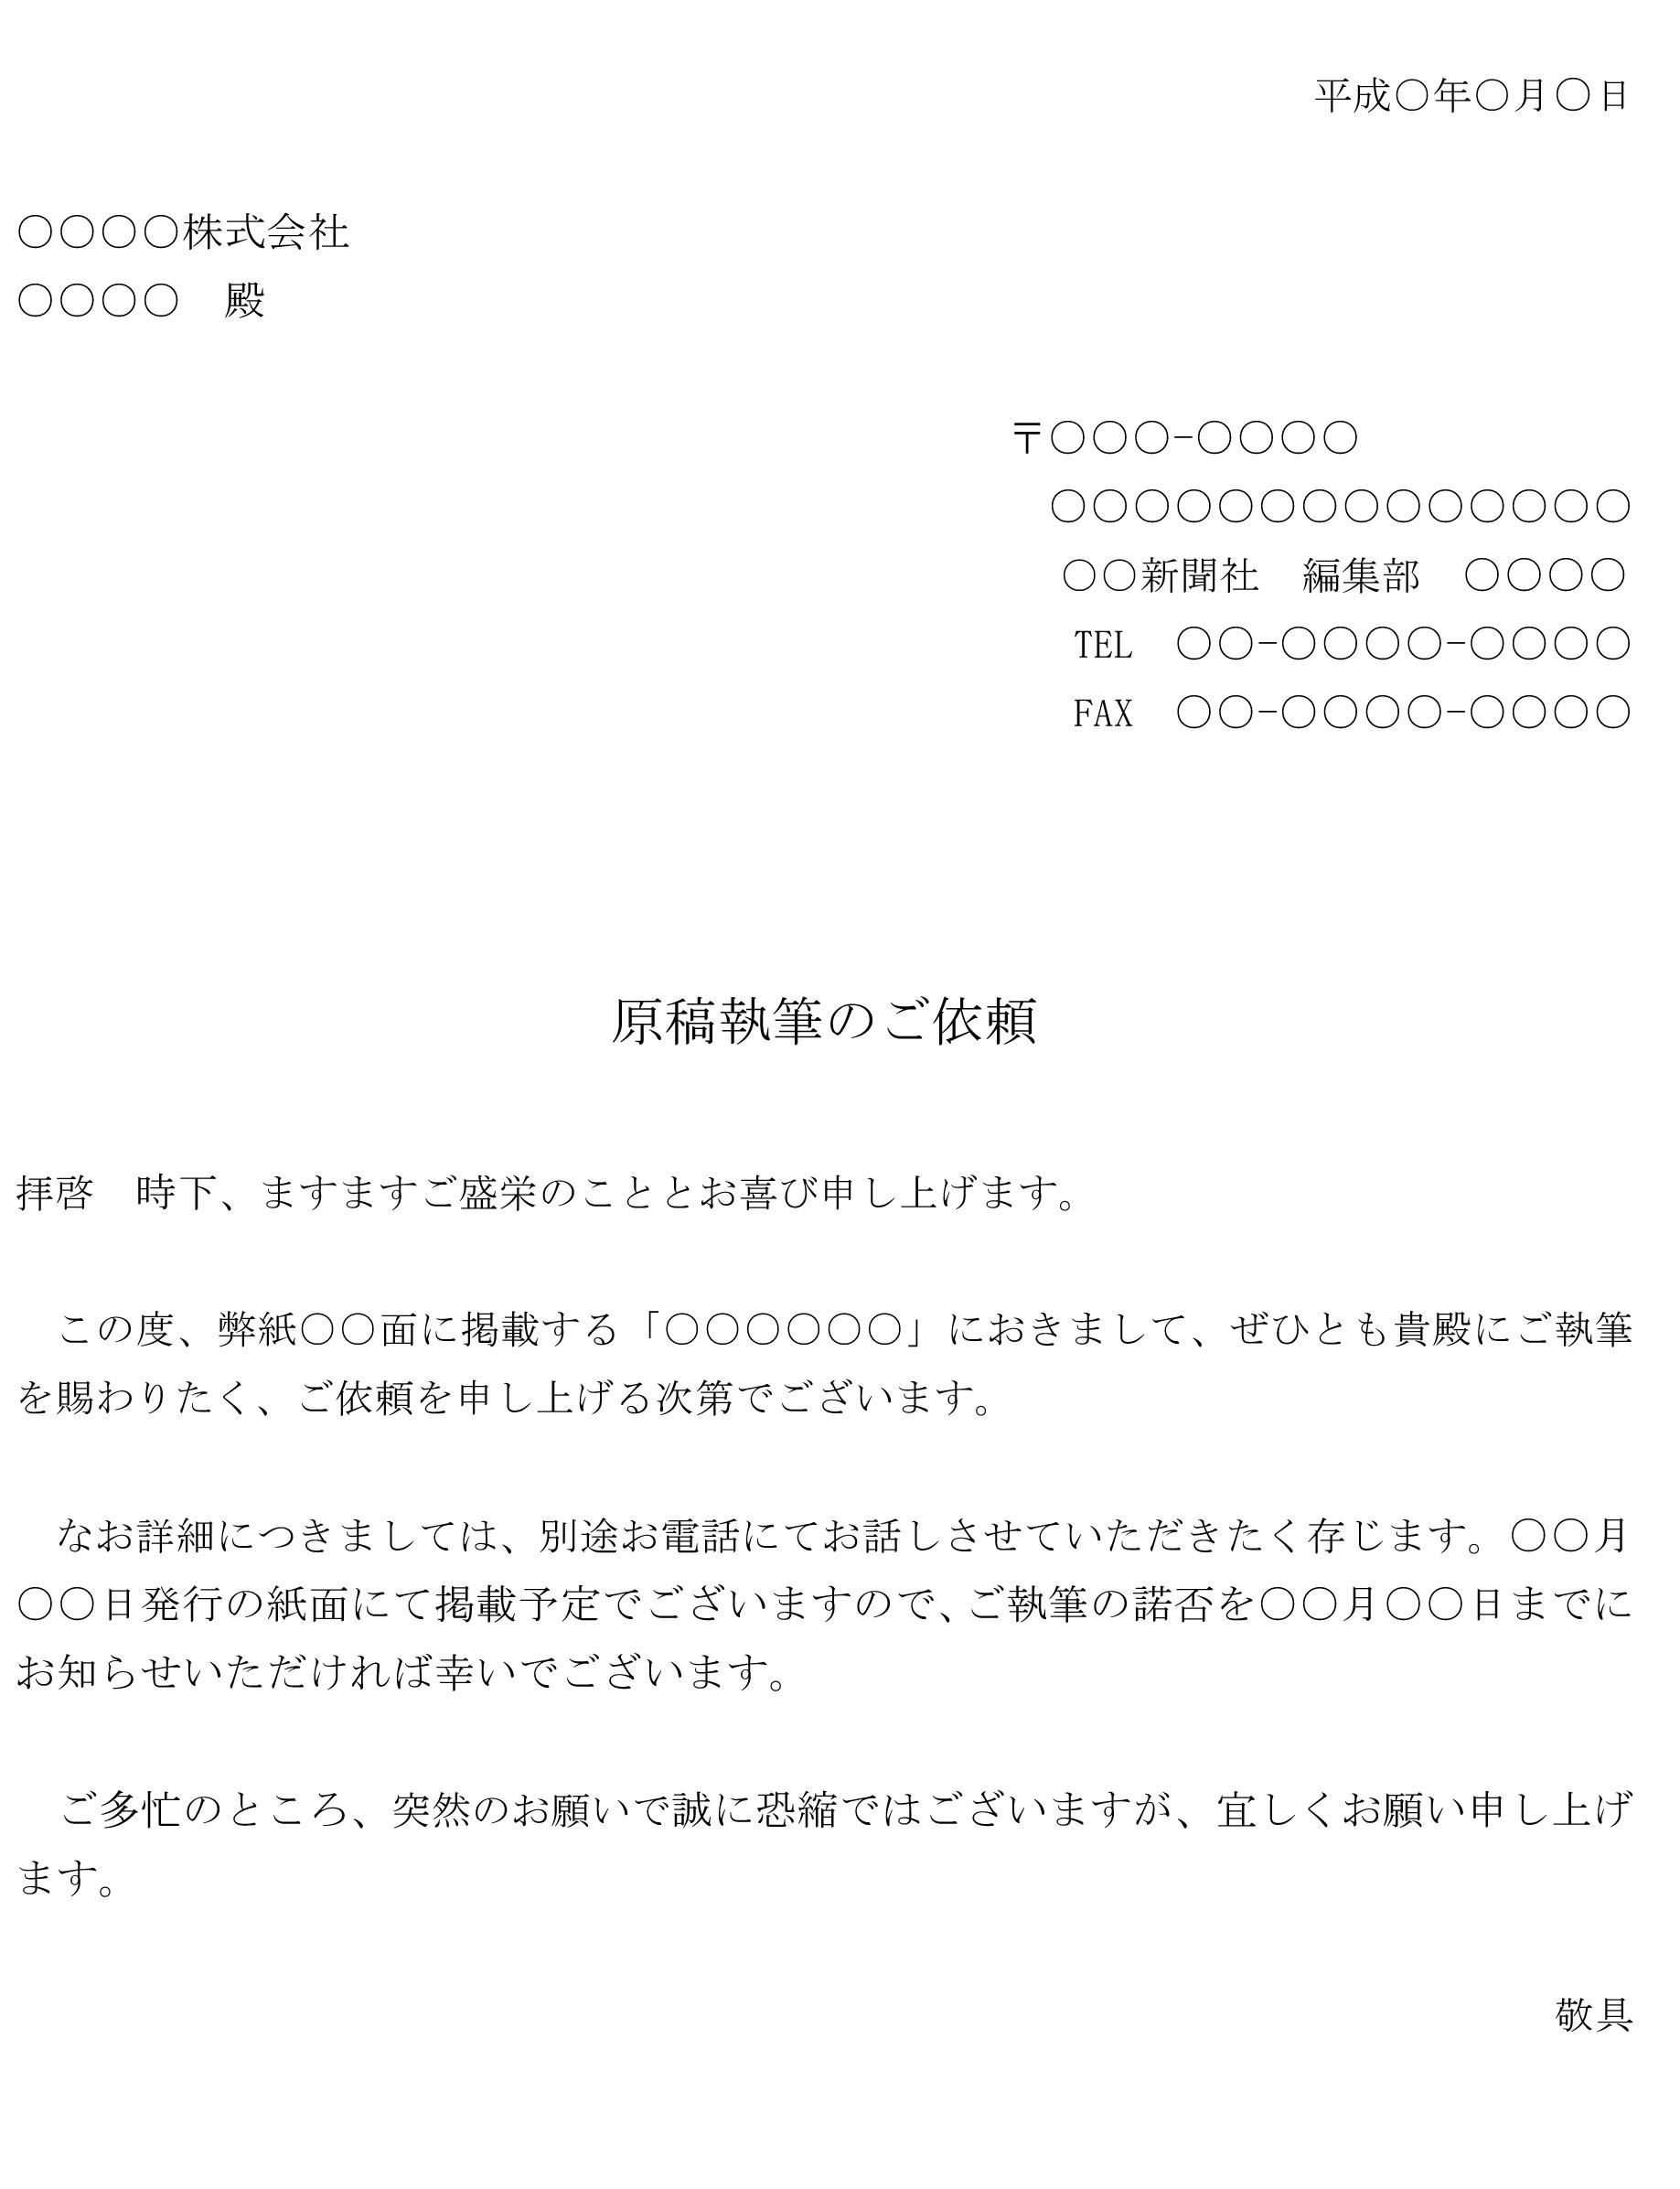 依頼状(原稿執筆)02